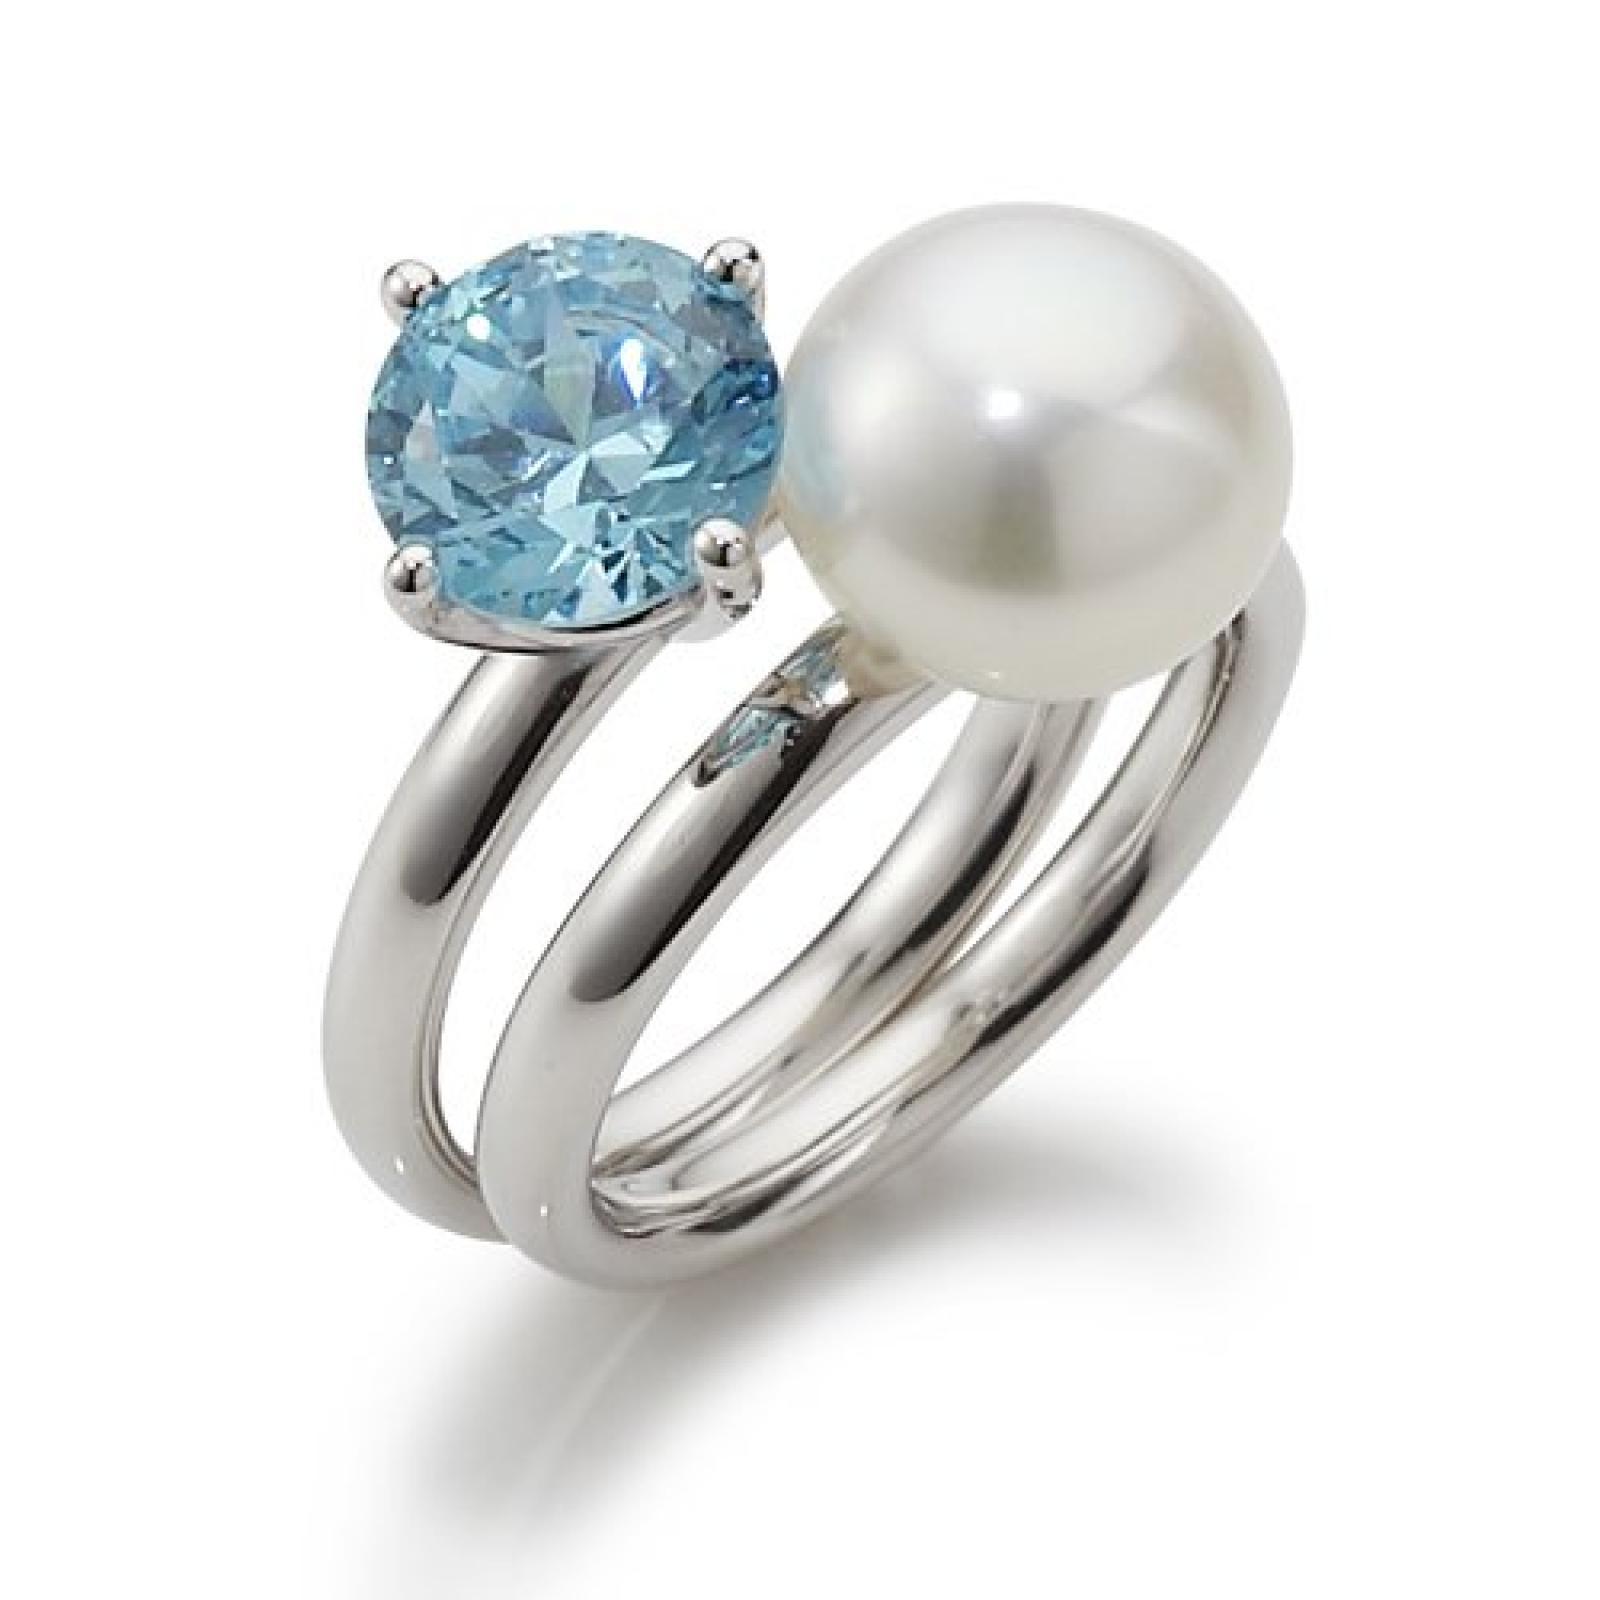 Adriana Damen-Ring Süßwasser Zuchtperlen blue lagoon 925 Sterling-Silber Rainbow RAR-H-Gr.58